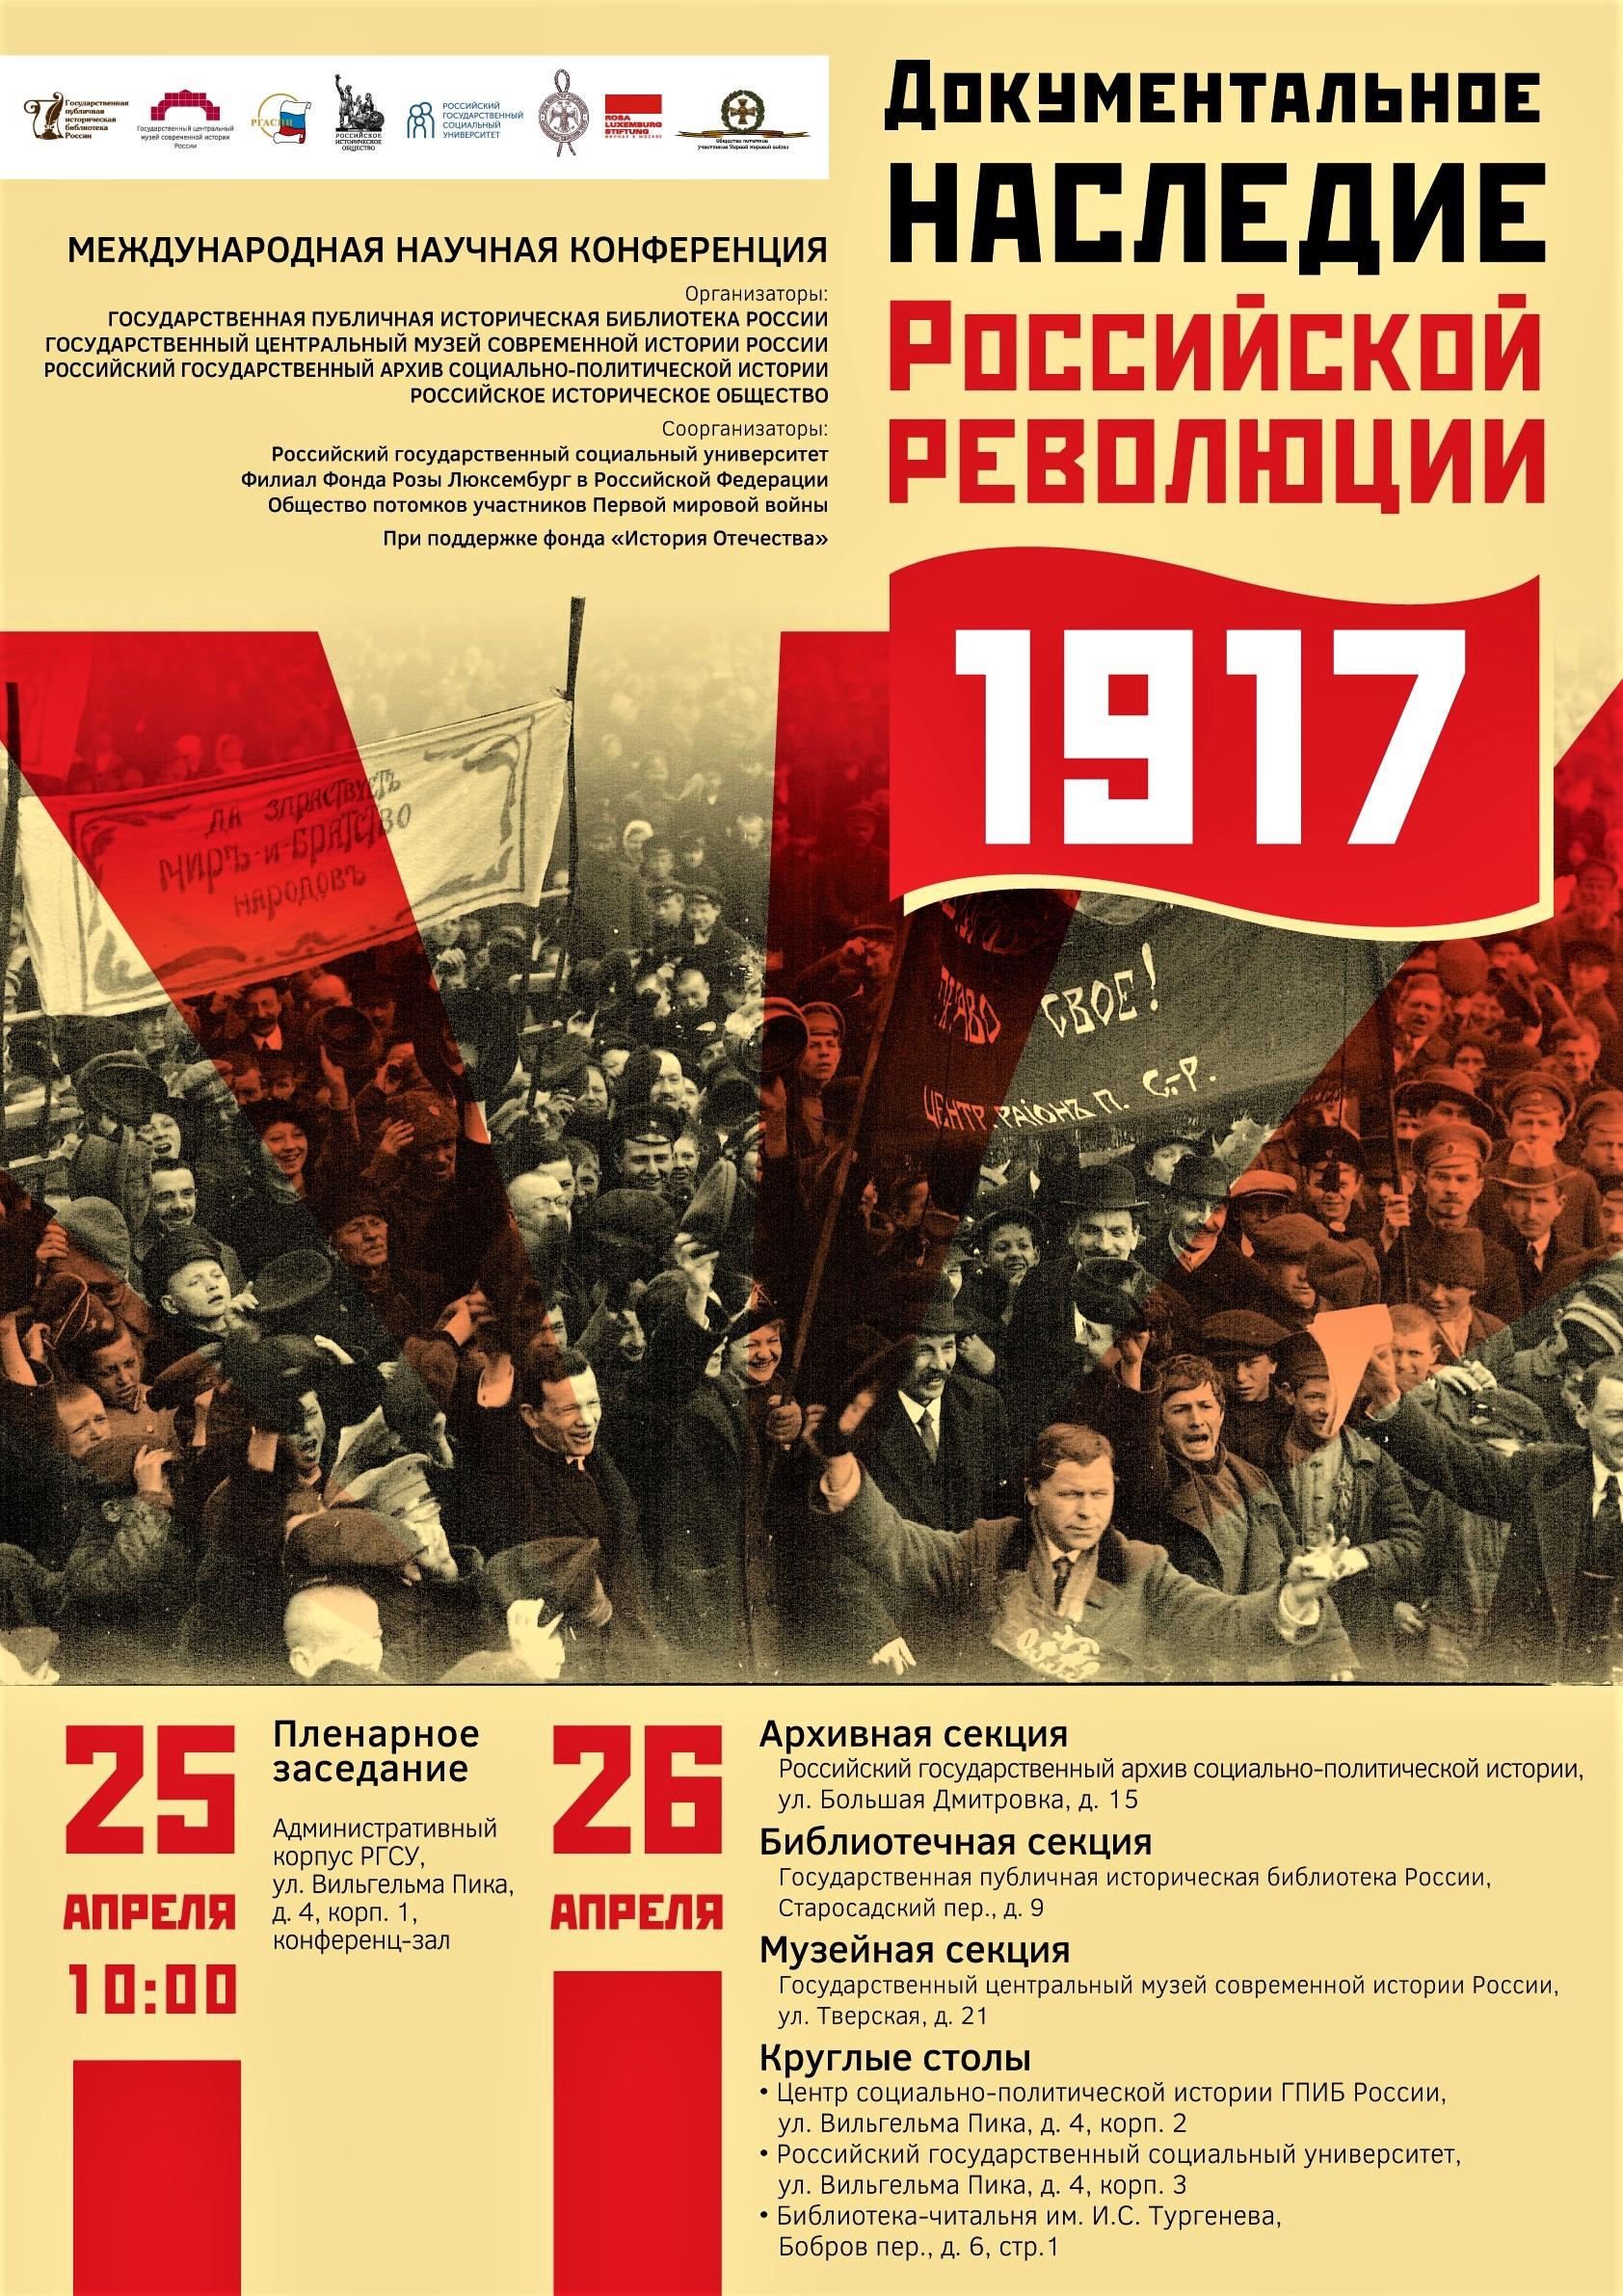 Il convegno internazionale sul centenario della Rivoluzione russa, «Documentary Heritage of the Russian Revolution». Mosca, 25-27 aprile 2017.